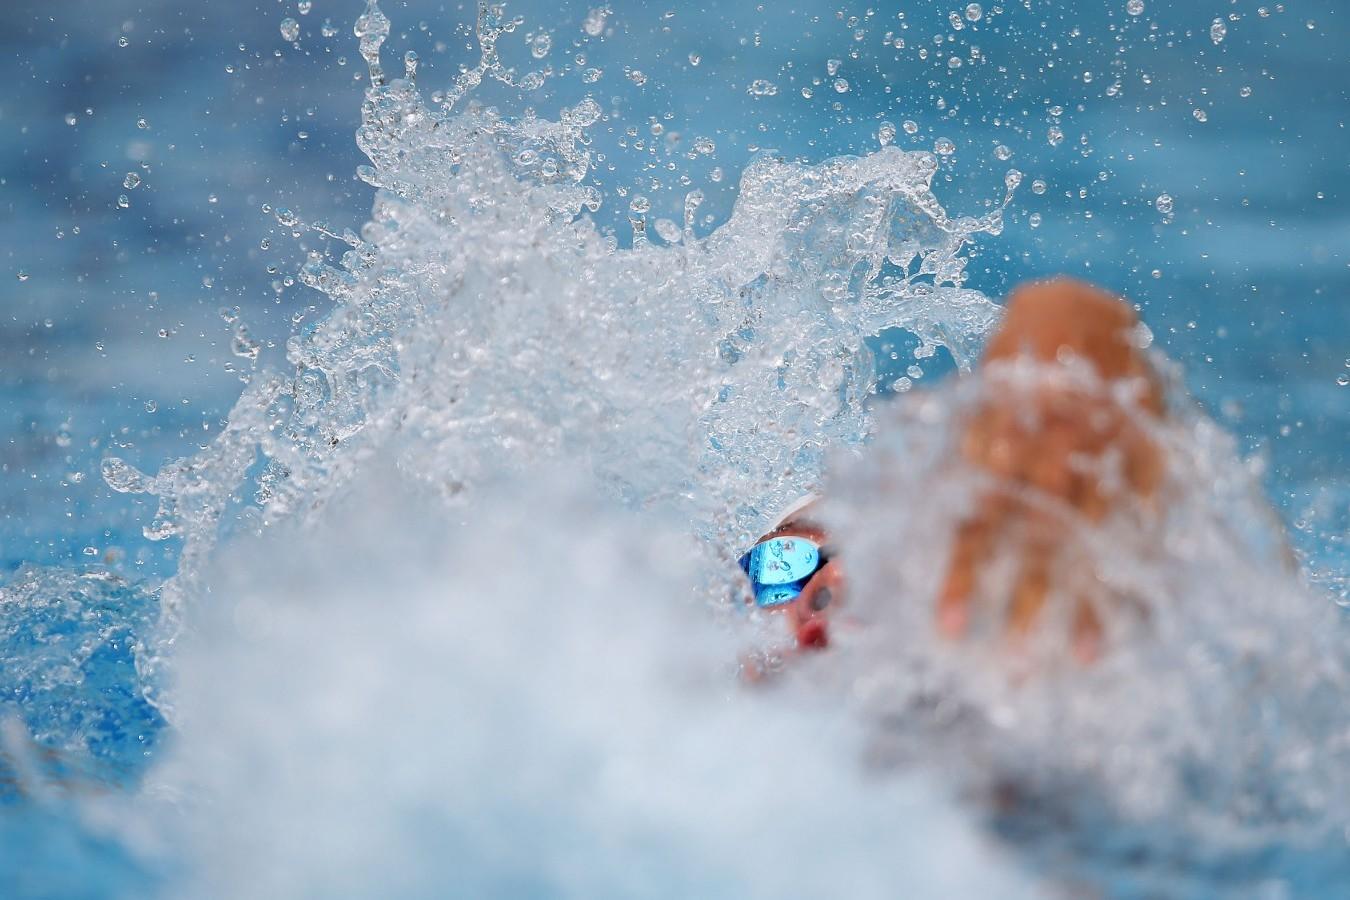 Brandonn Almeida. Trofeu Maria Lenk. Parque Aquatico Maria Lenk. 04 de Maio de 2017, Rio de Janeiro, RJ, Brasil. Foto: Satiro Sodré/SSPress/CBDA